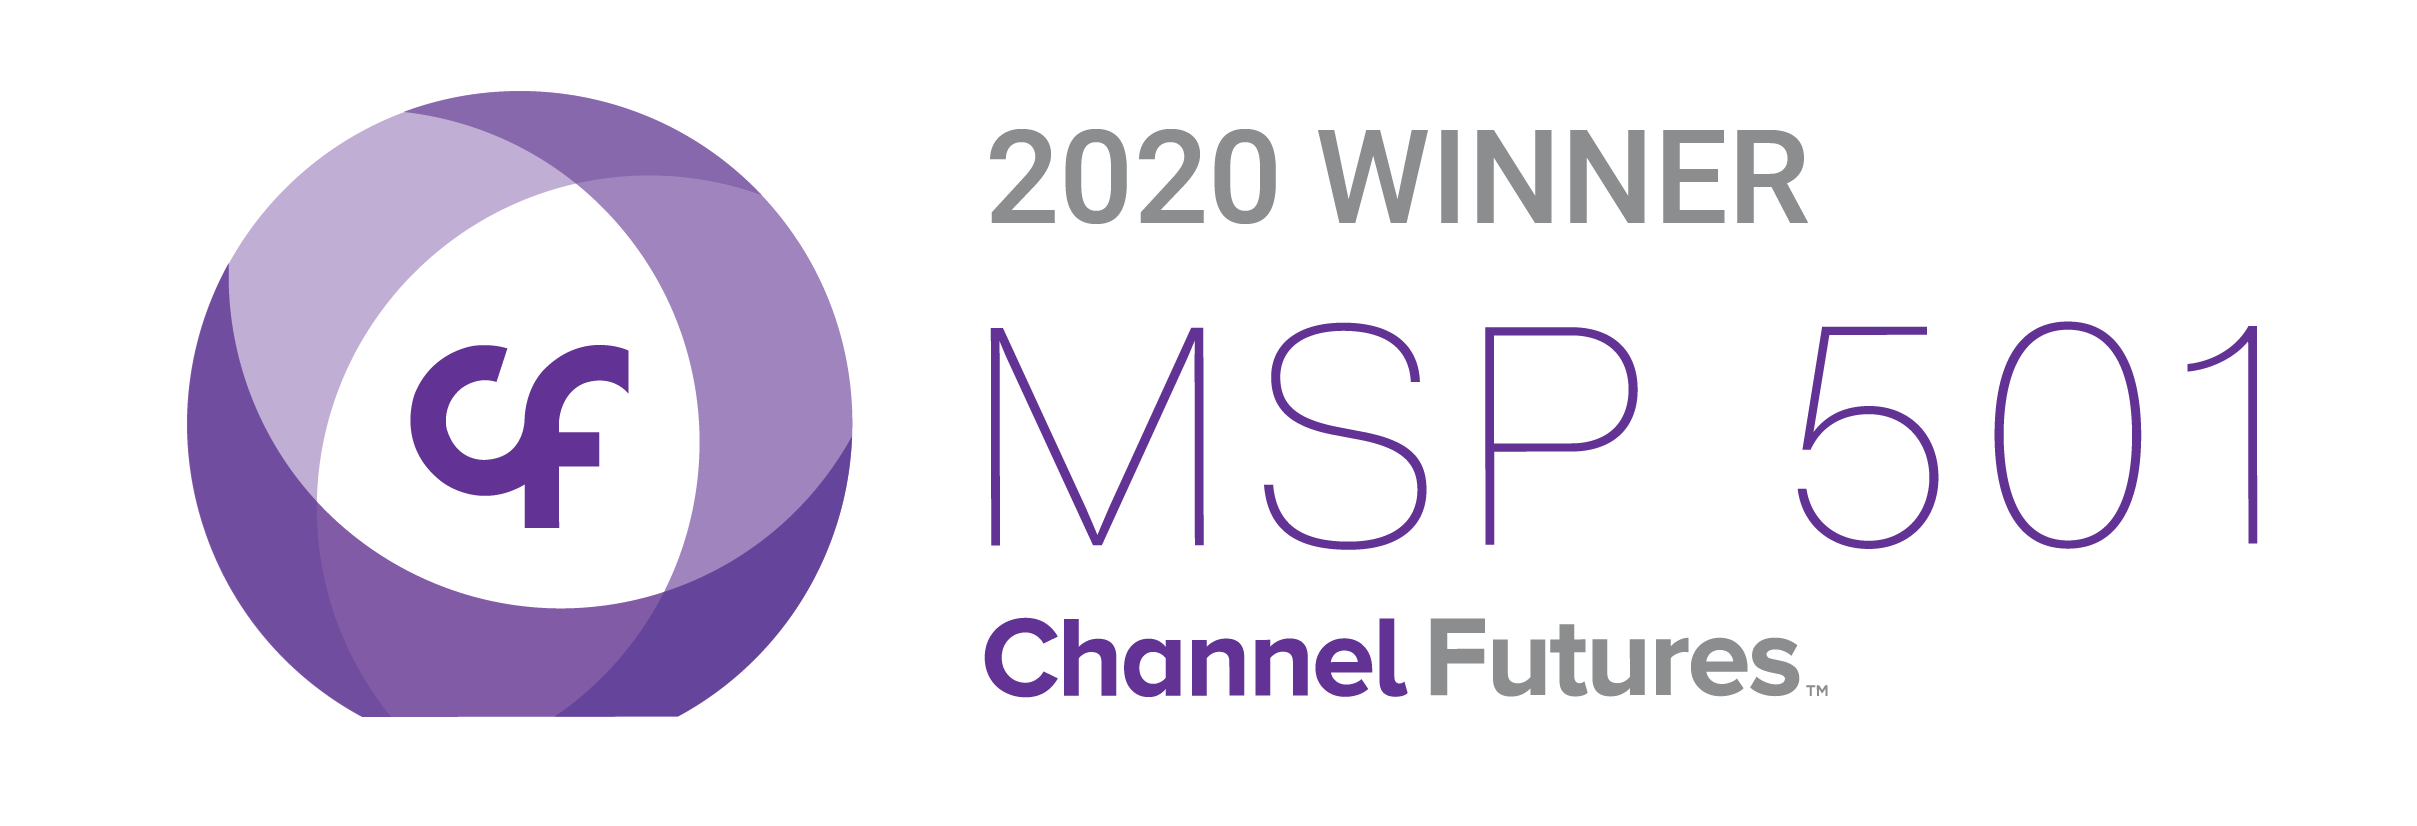 2020 MSP 501 Winner